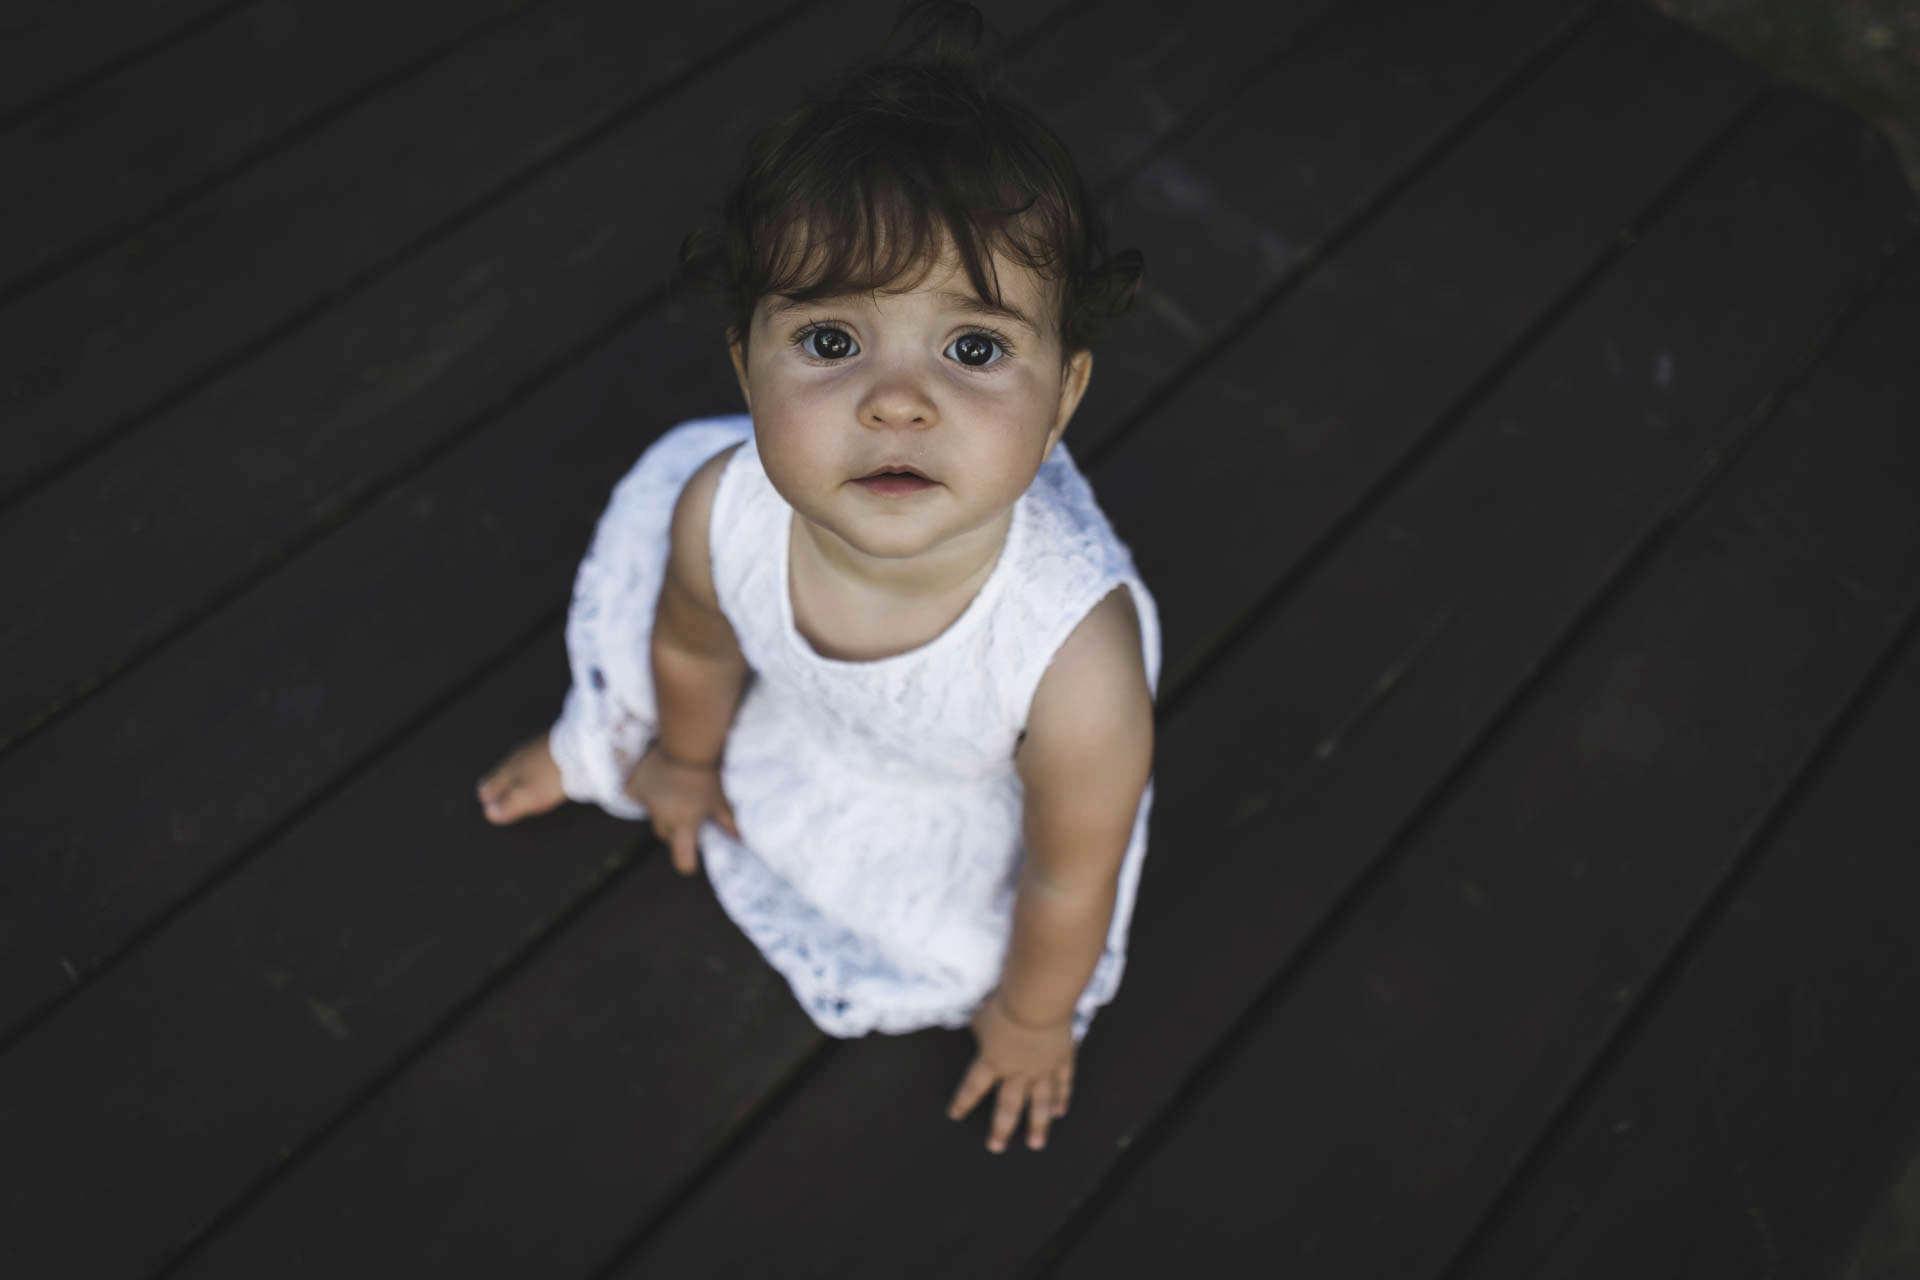 Servizio Fotografico Bambini e Famiglia a Venezia, Veneto. Ecco la piccola Greta. Michelino Studio, fotografo professionista per neonati, bambini e famiglia in Veneto. 012